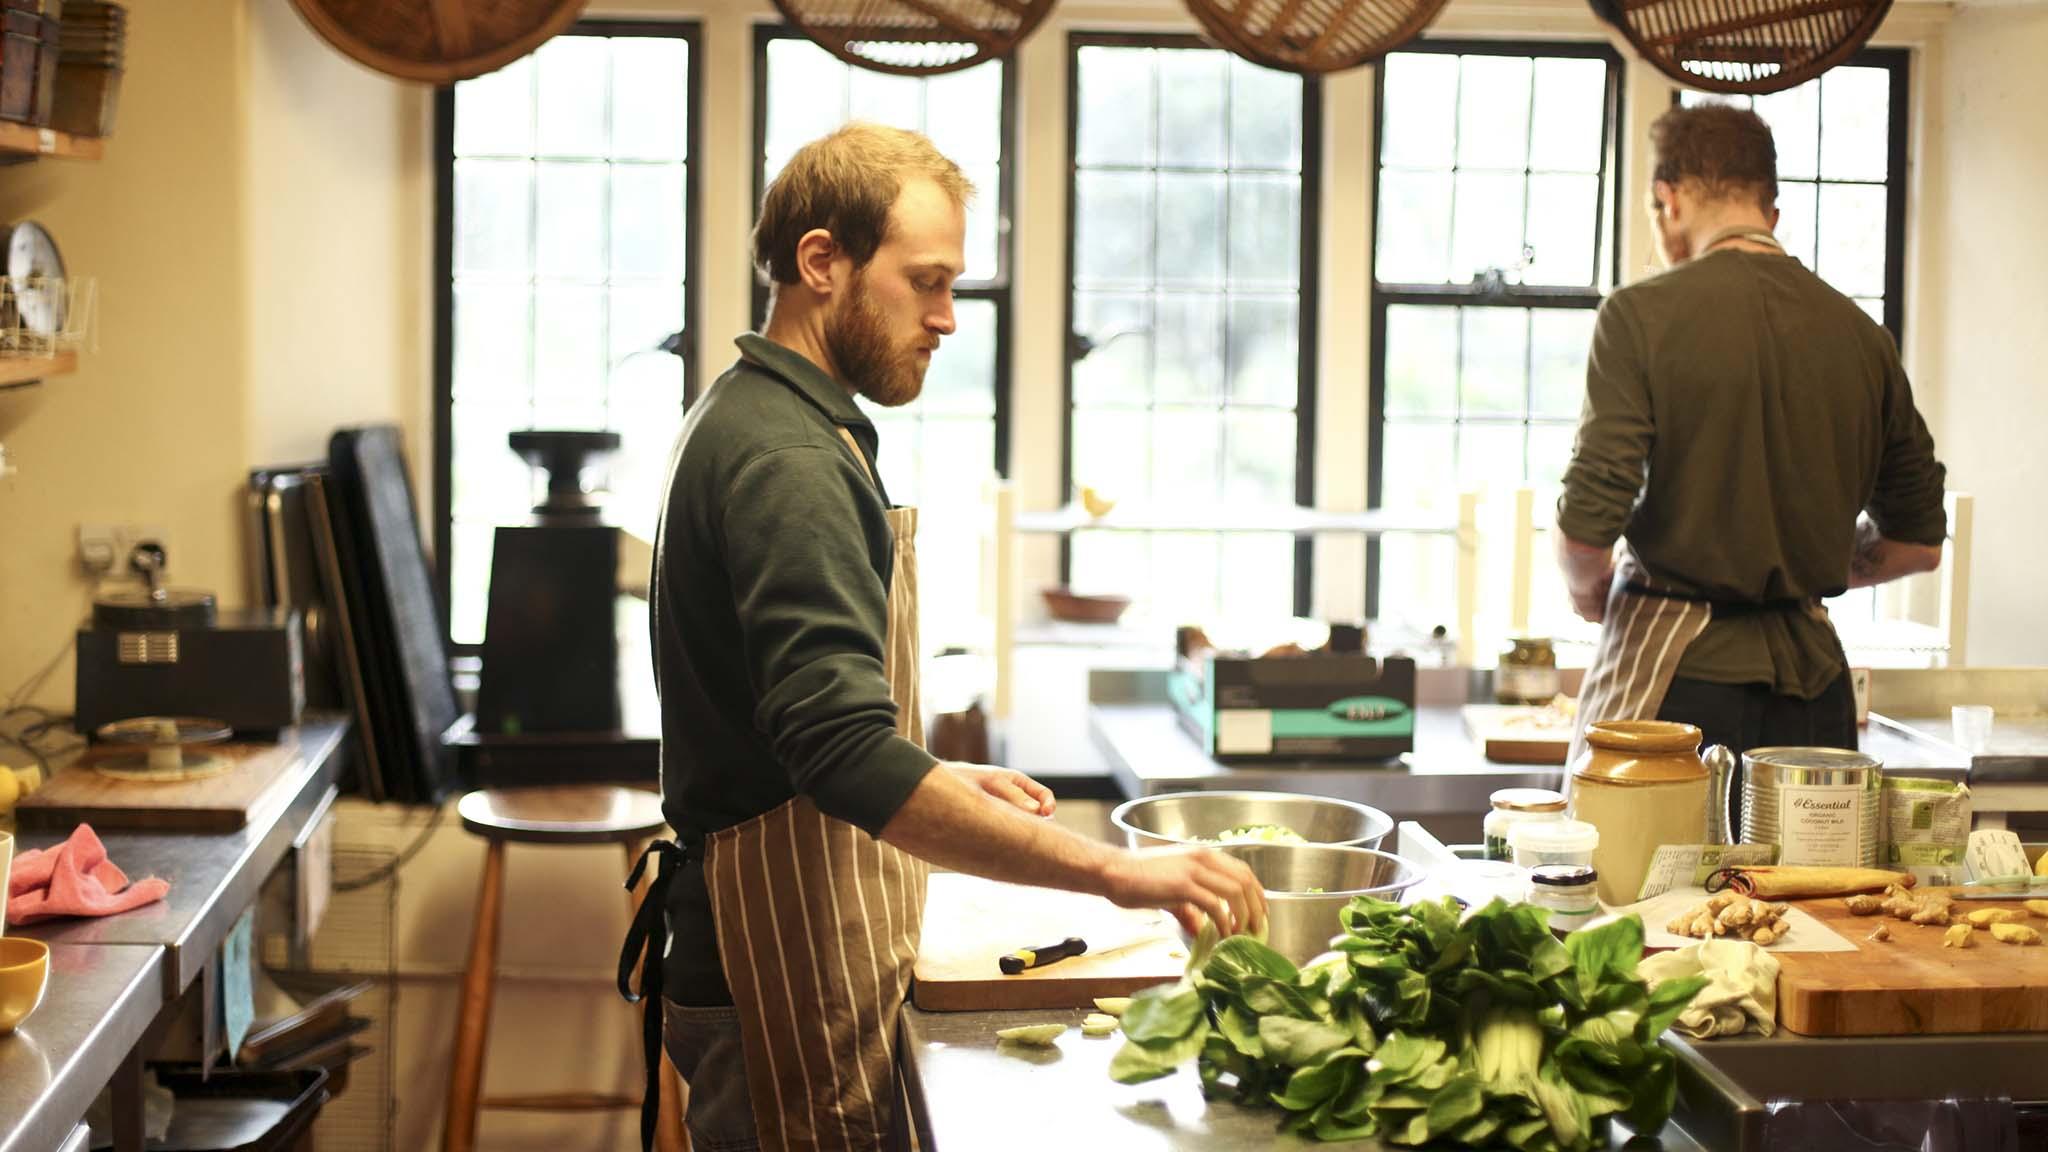 schumacher kitchen scene